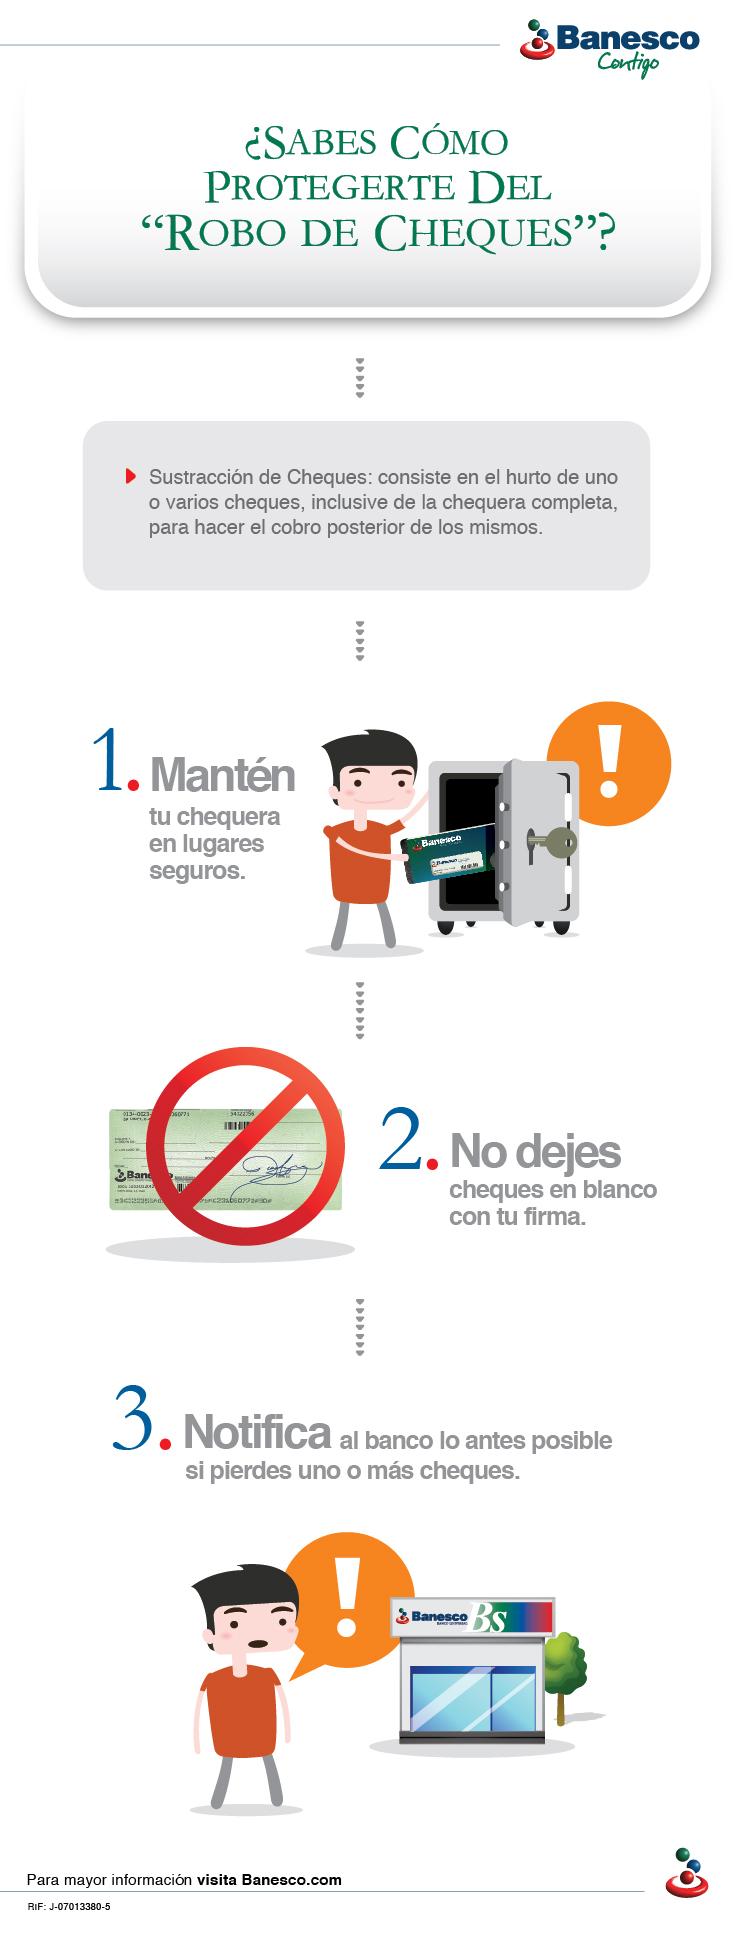 paso-a-paso-como-protegerte-del-robo-de-cheques_descarga